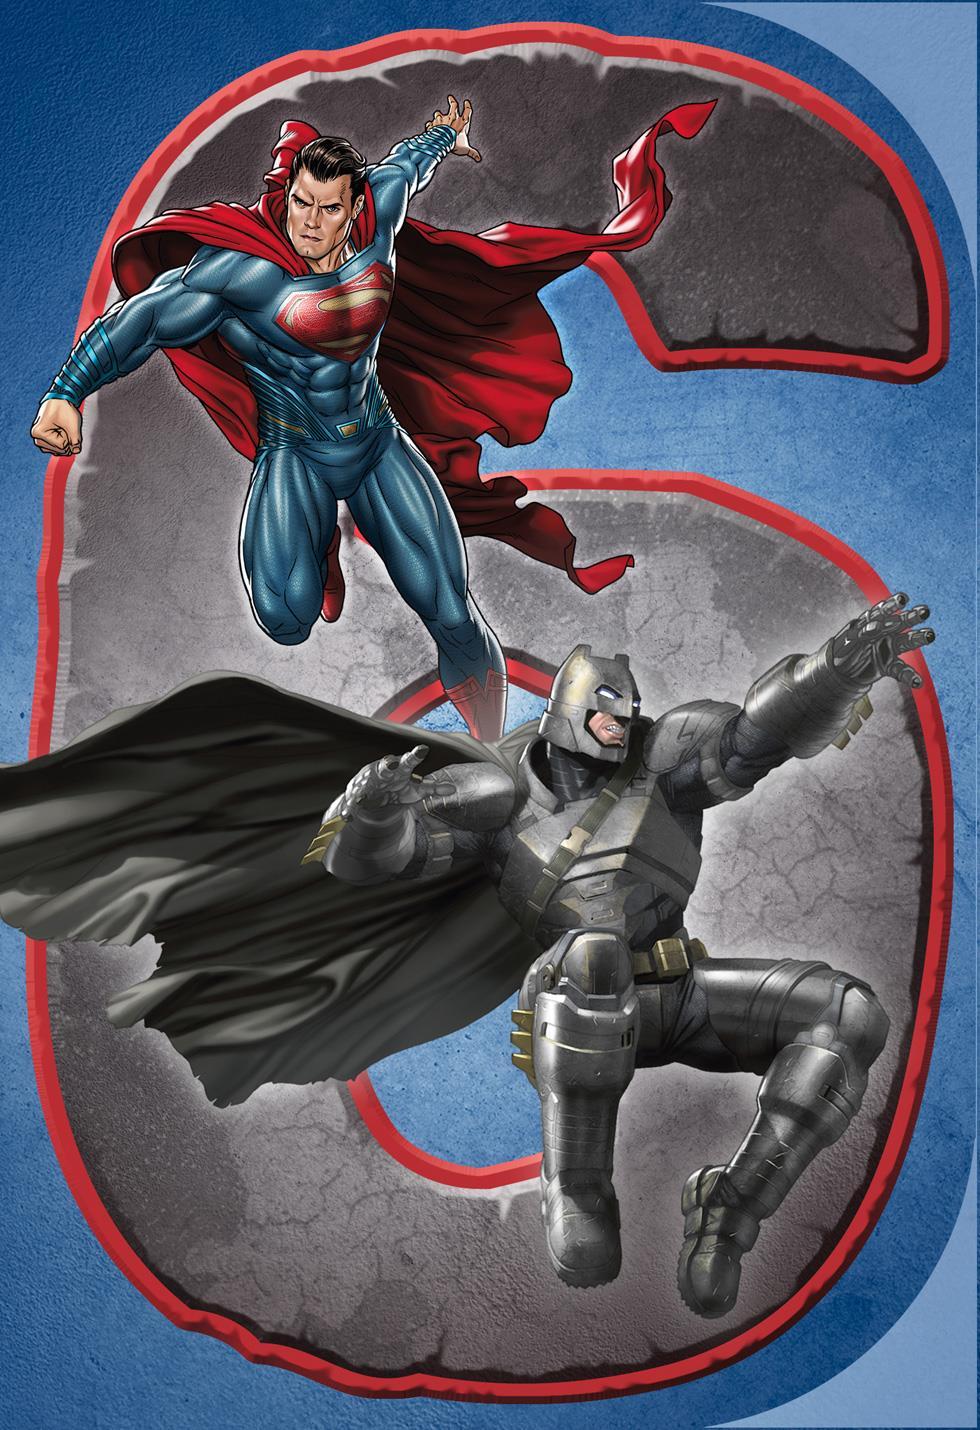 batman v superman  dawn of justice u2122 musical 6th birthday